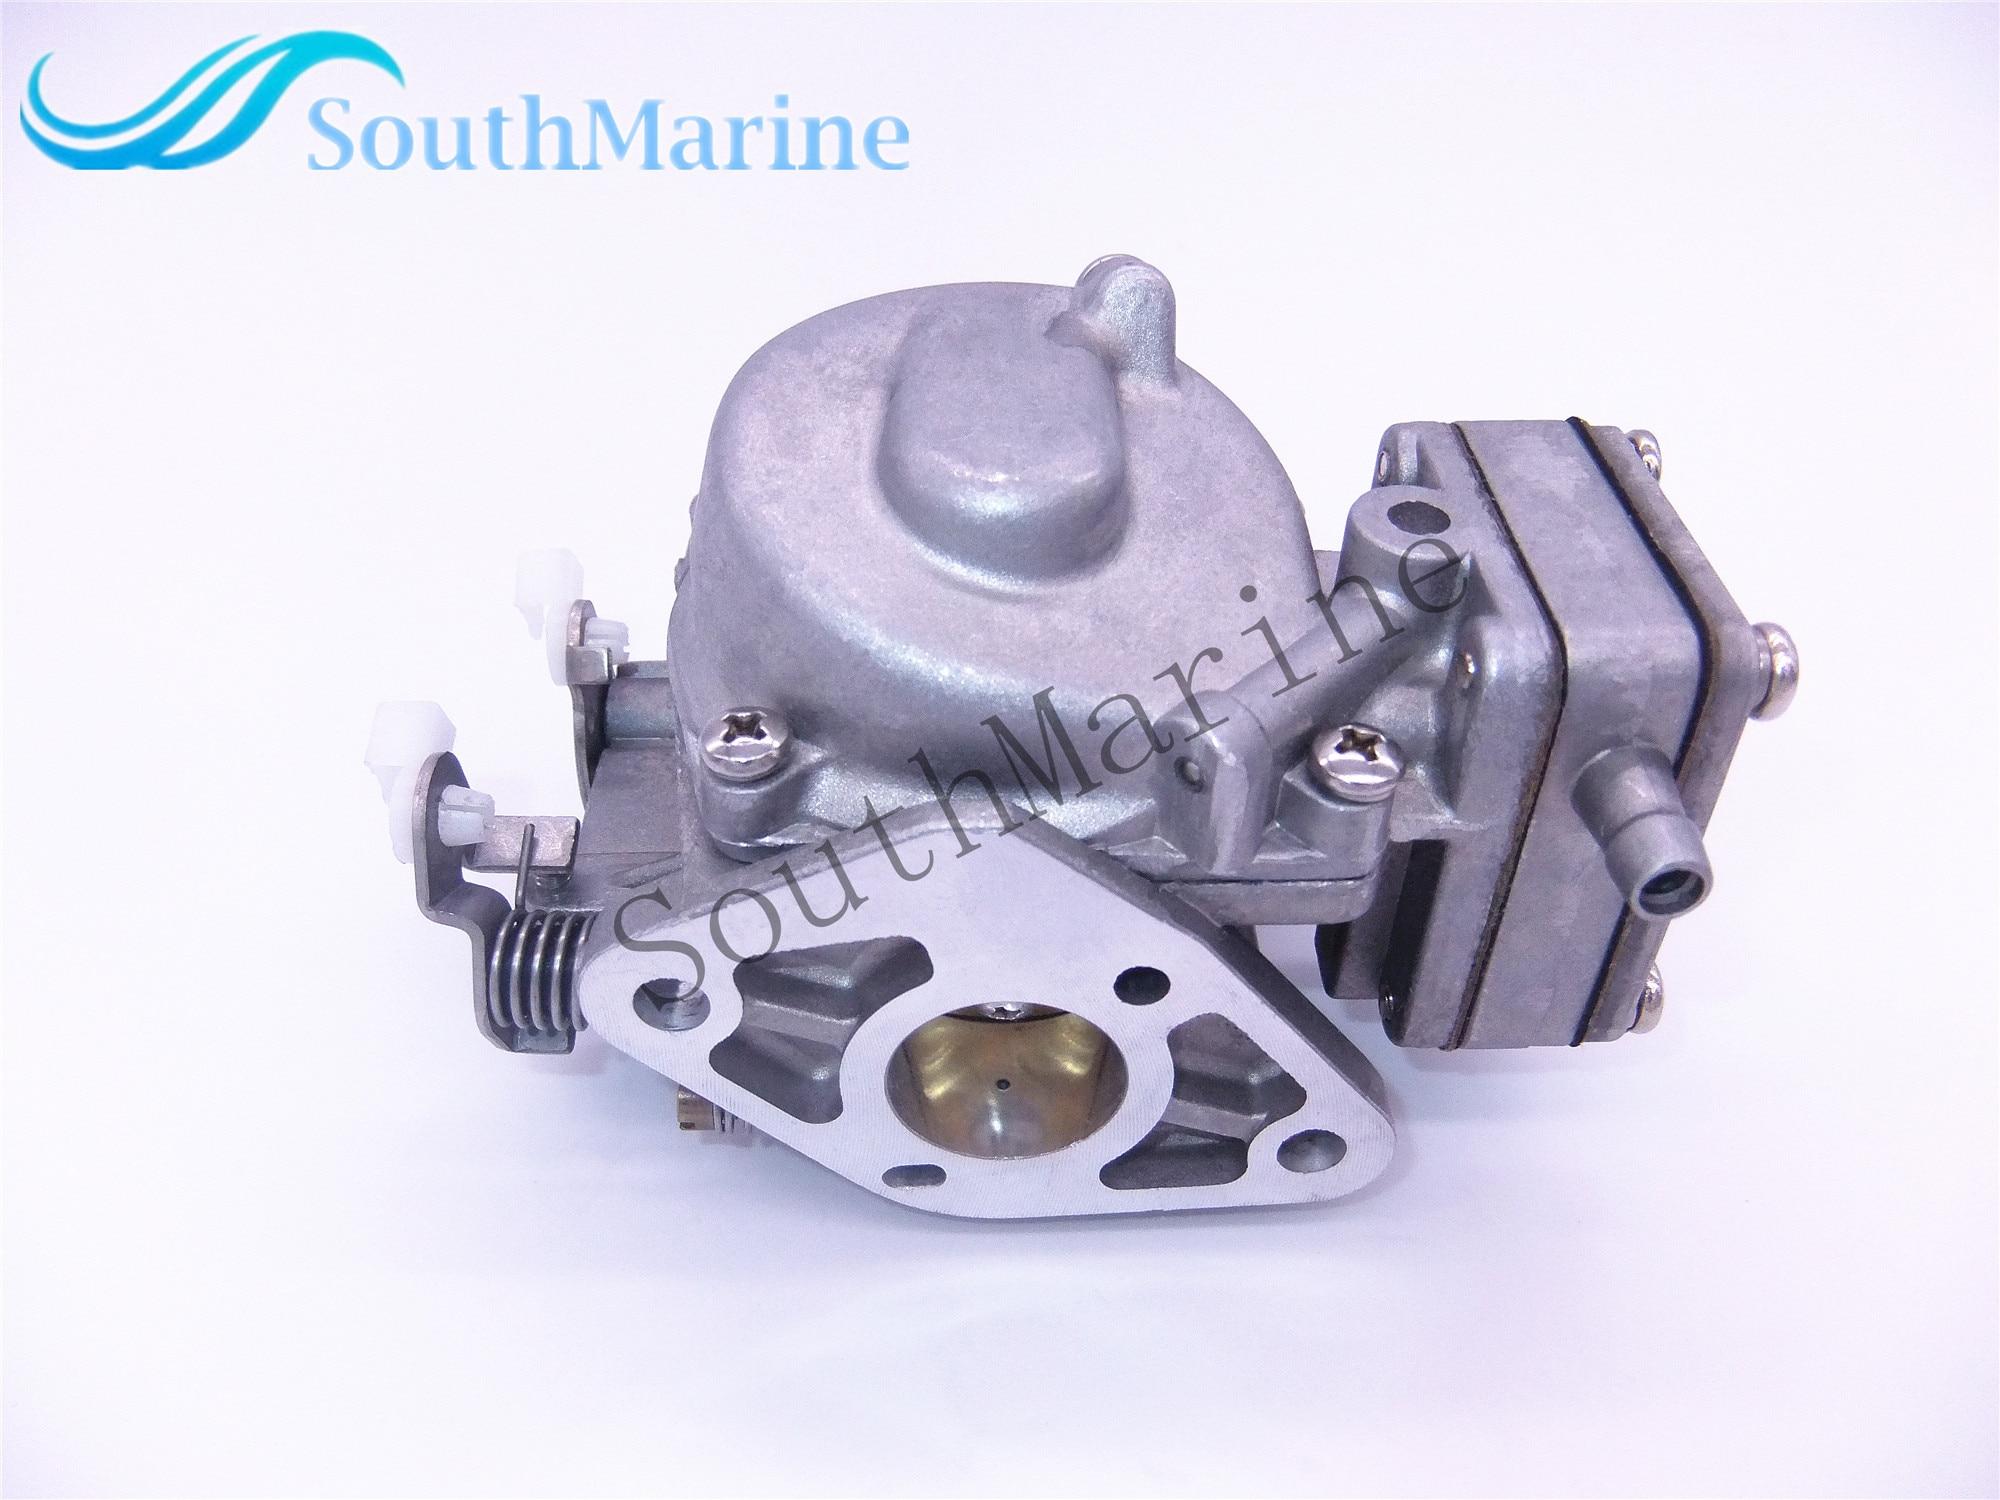 Carburateur de bateau pour moteur hors-bord Hangkai 2 temps 9.8hp 12hp